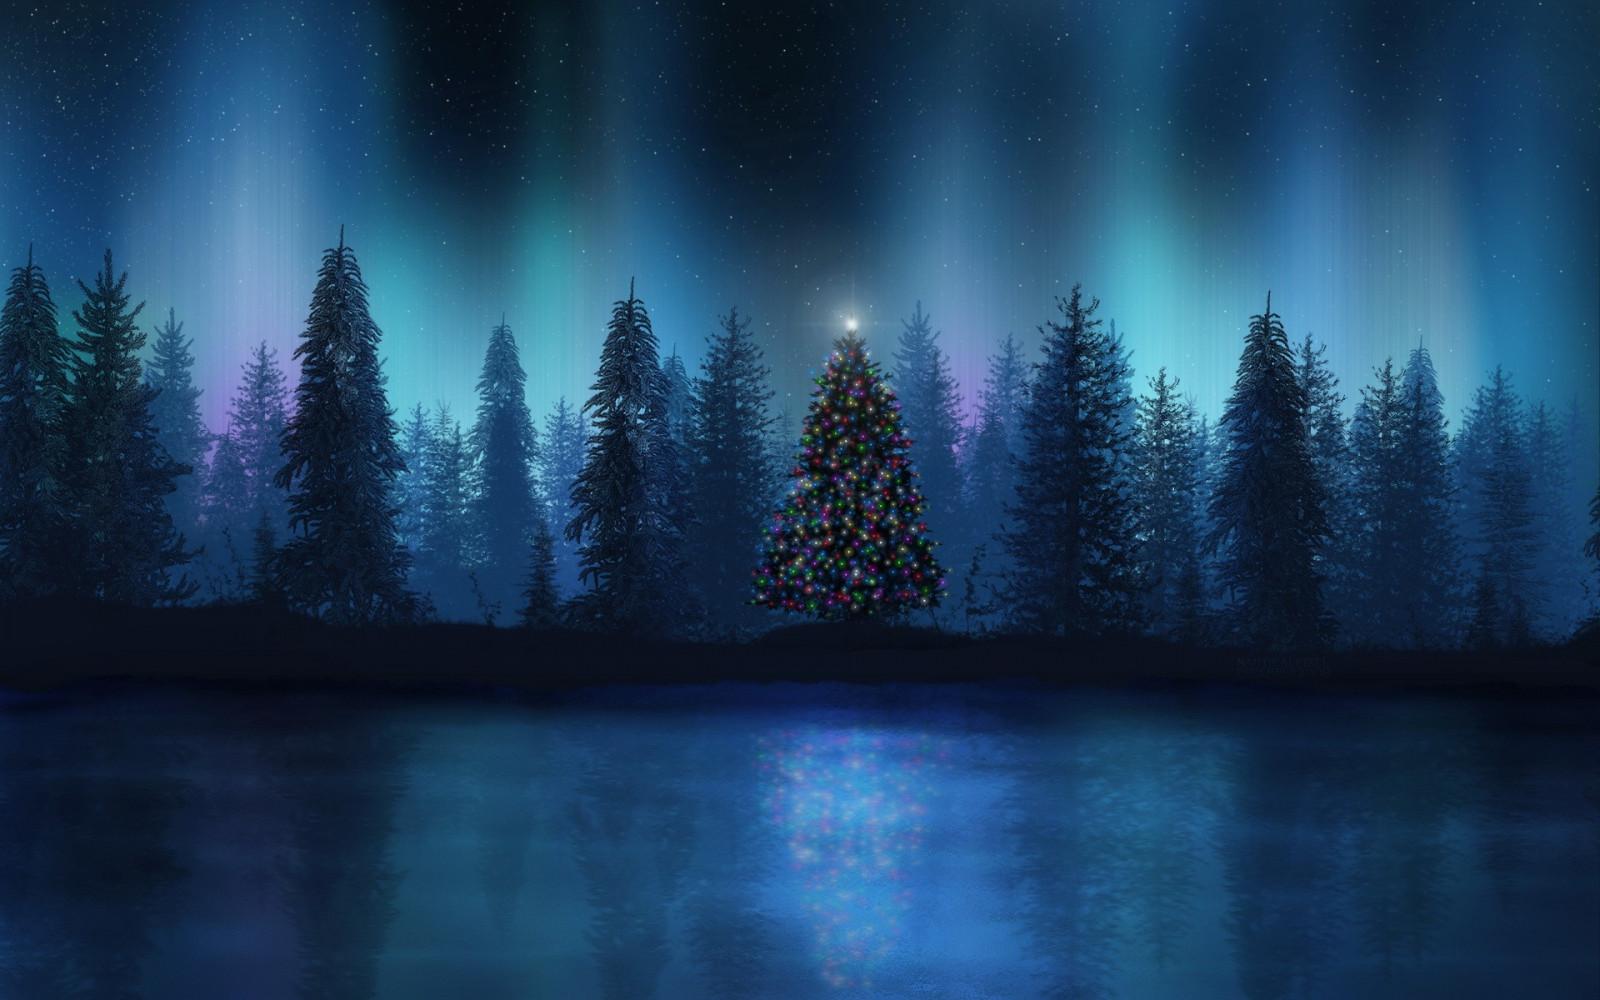 Hintergrundbilder : Landschaft, Wald, Nacht-, Betrachtung, Aurorae ...